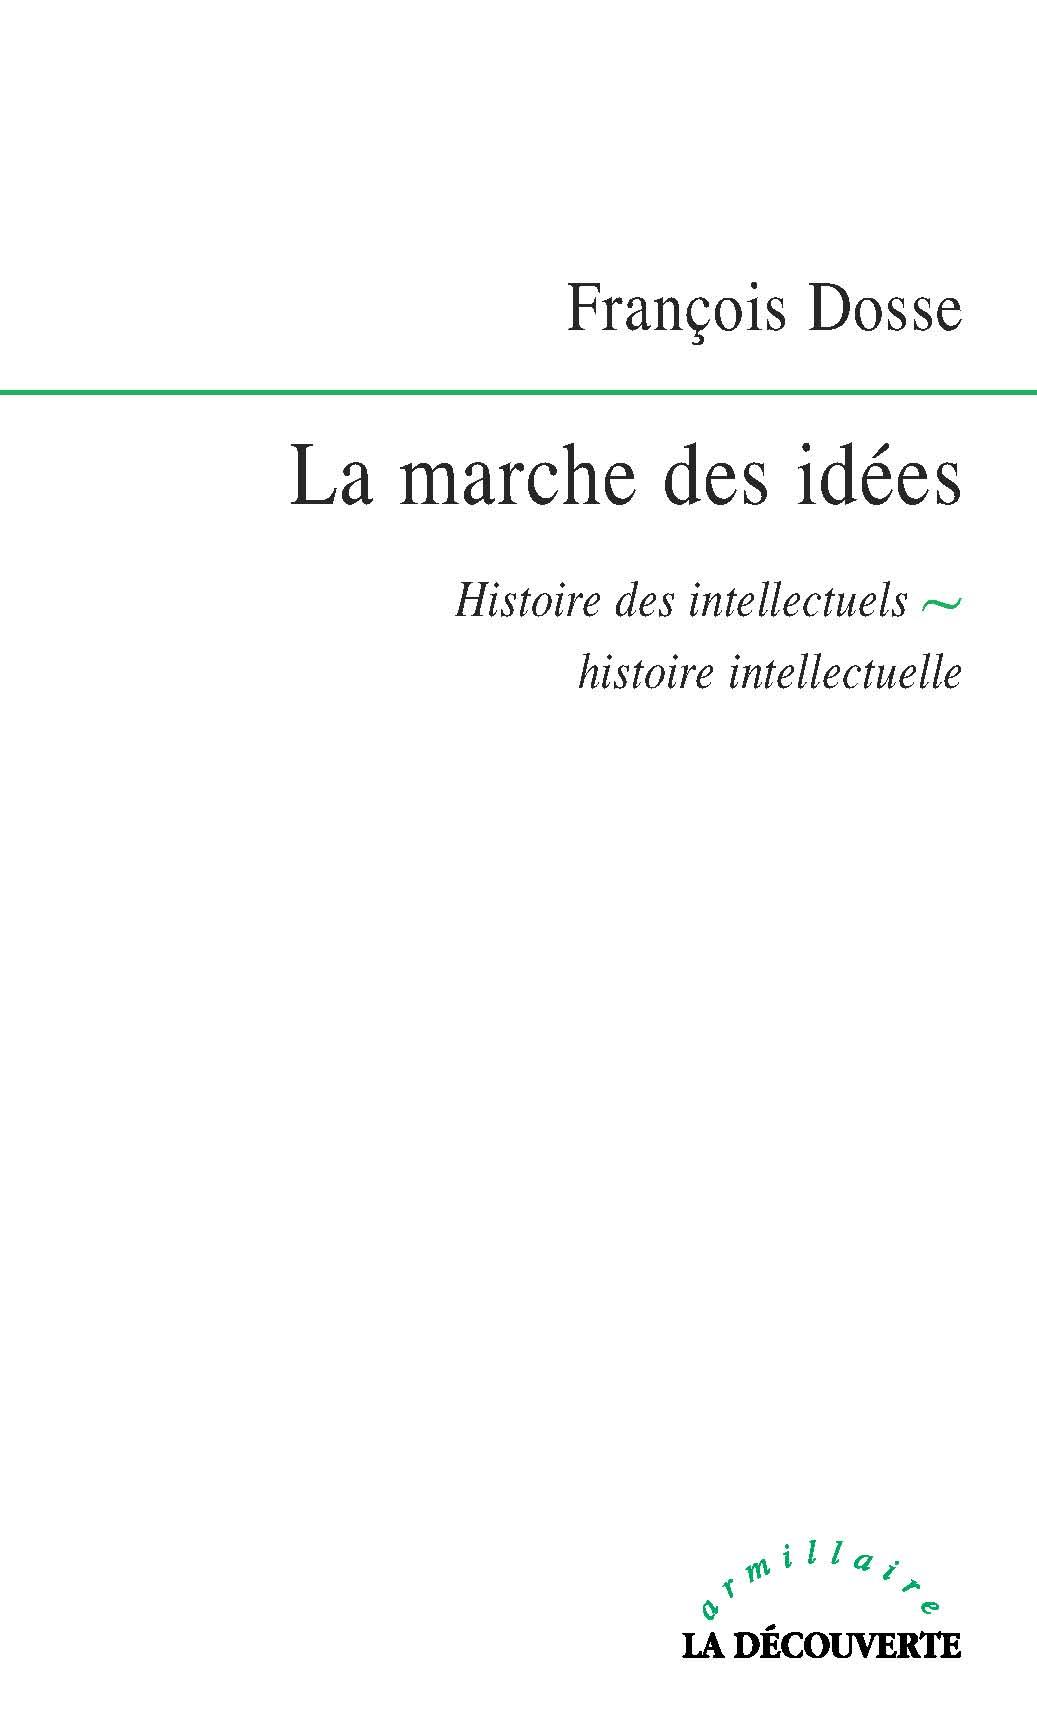 ab85fe6341 4. L'activité intellectuelle dans l'histoire culturelle | Cairn.info